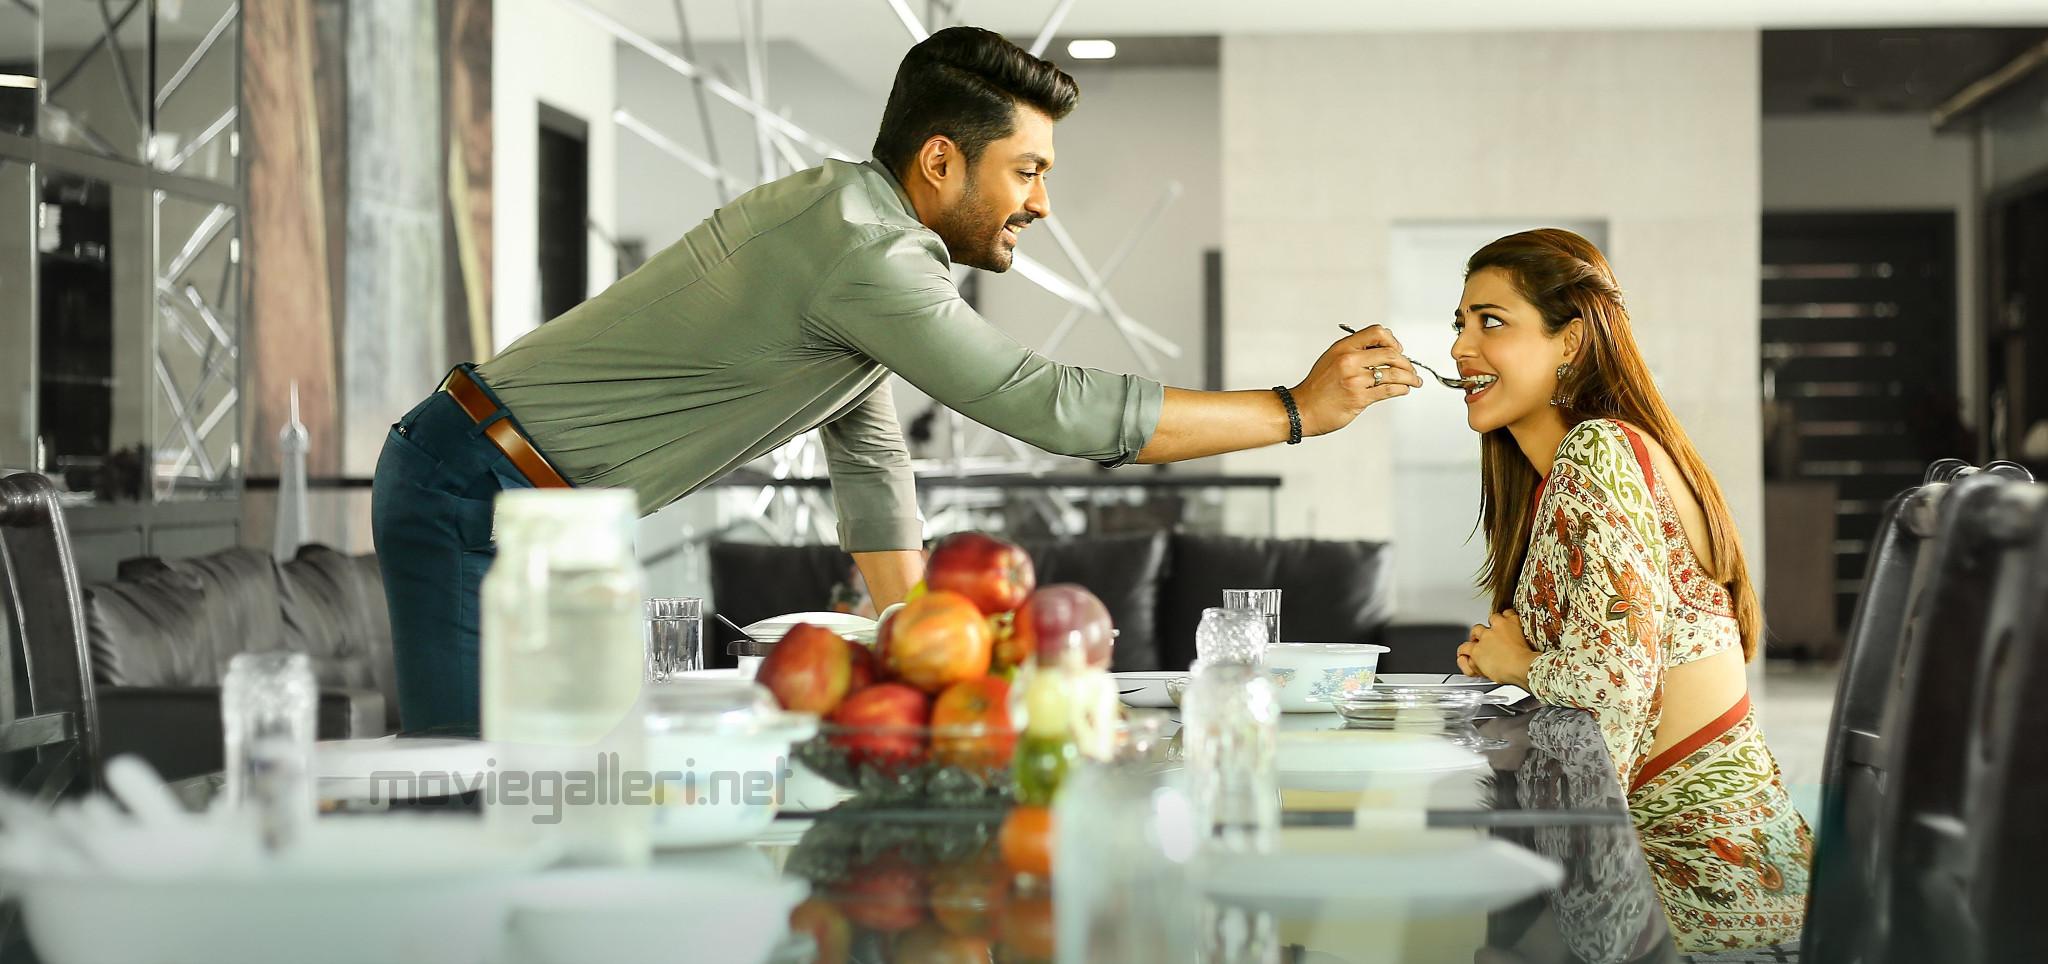 Nandamuri Kalyan Ram Kajal Agarwal MLA Movie New Picture HD